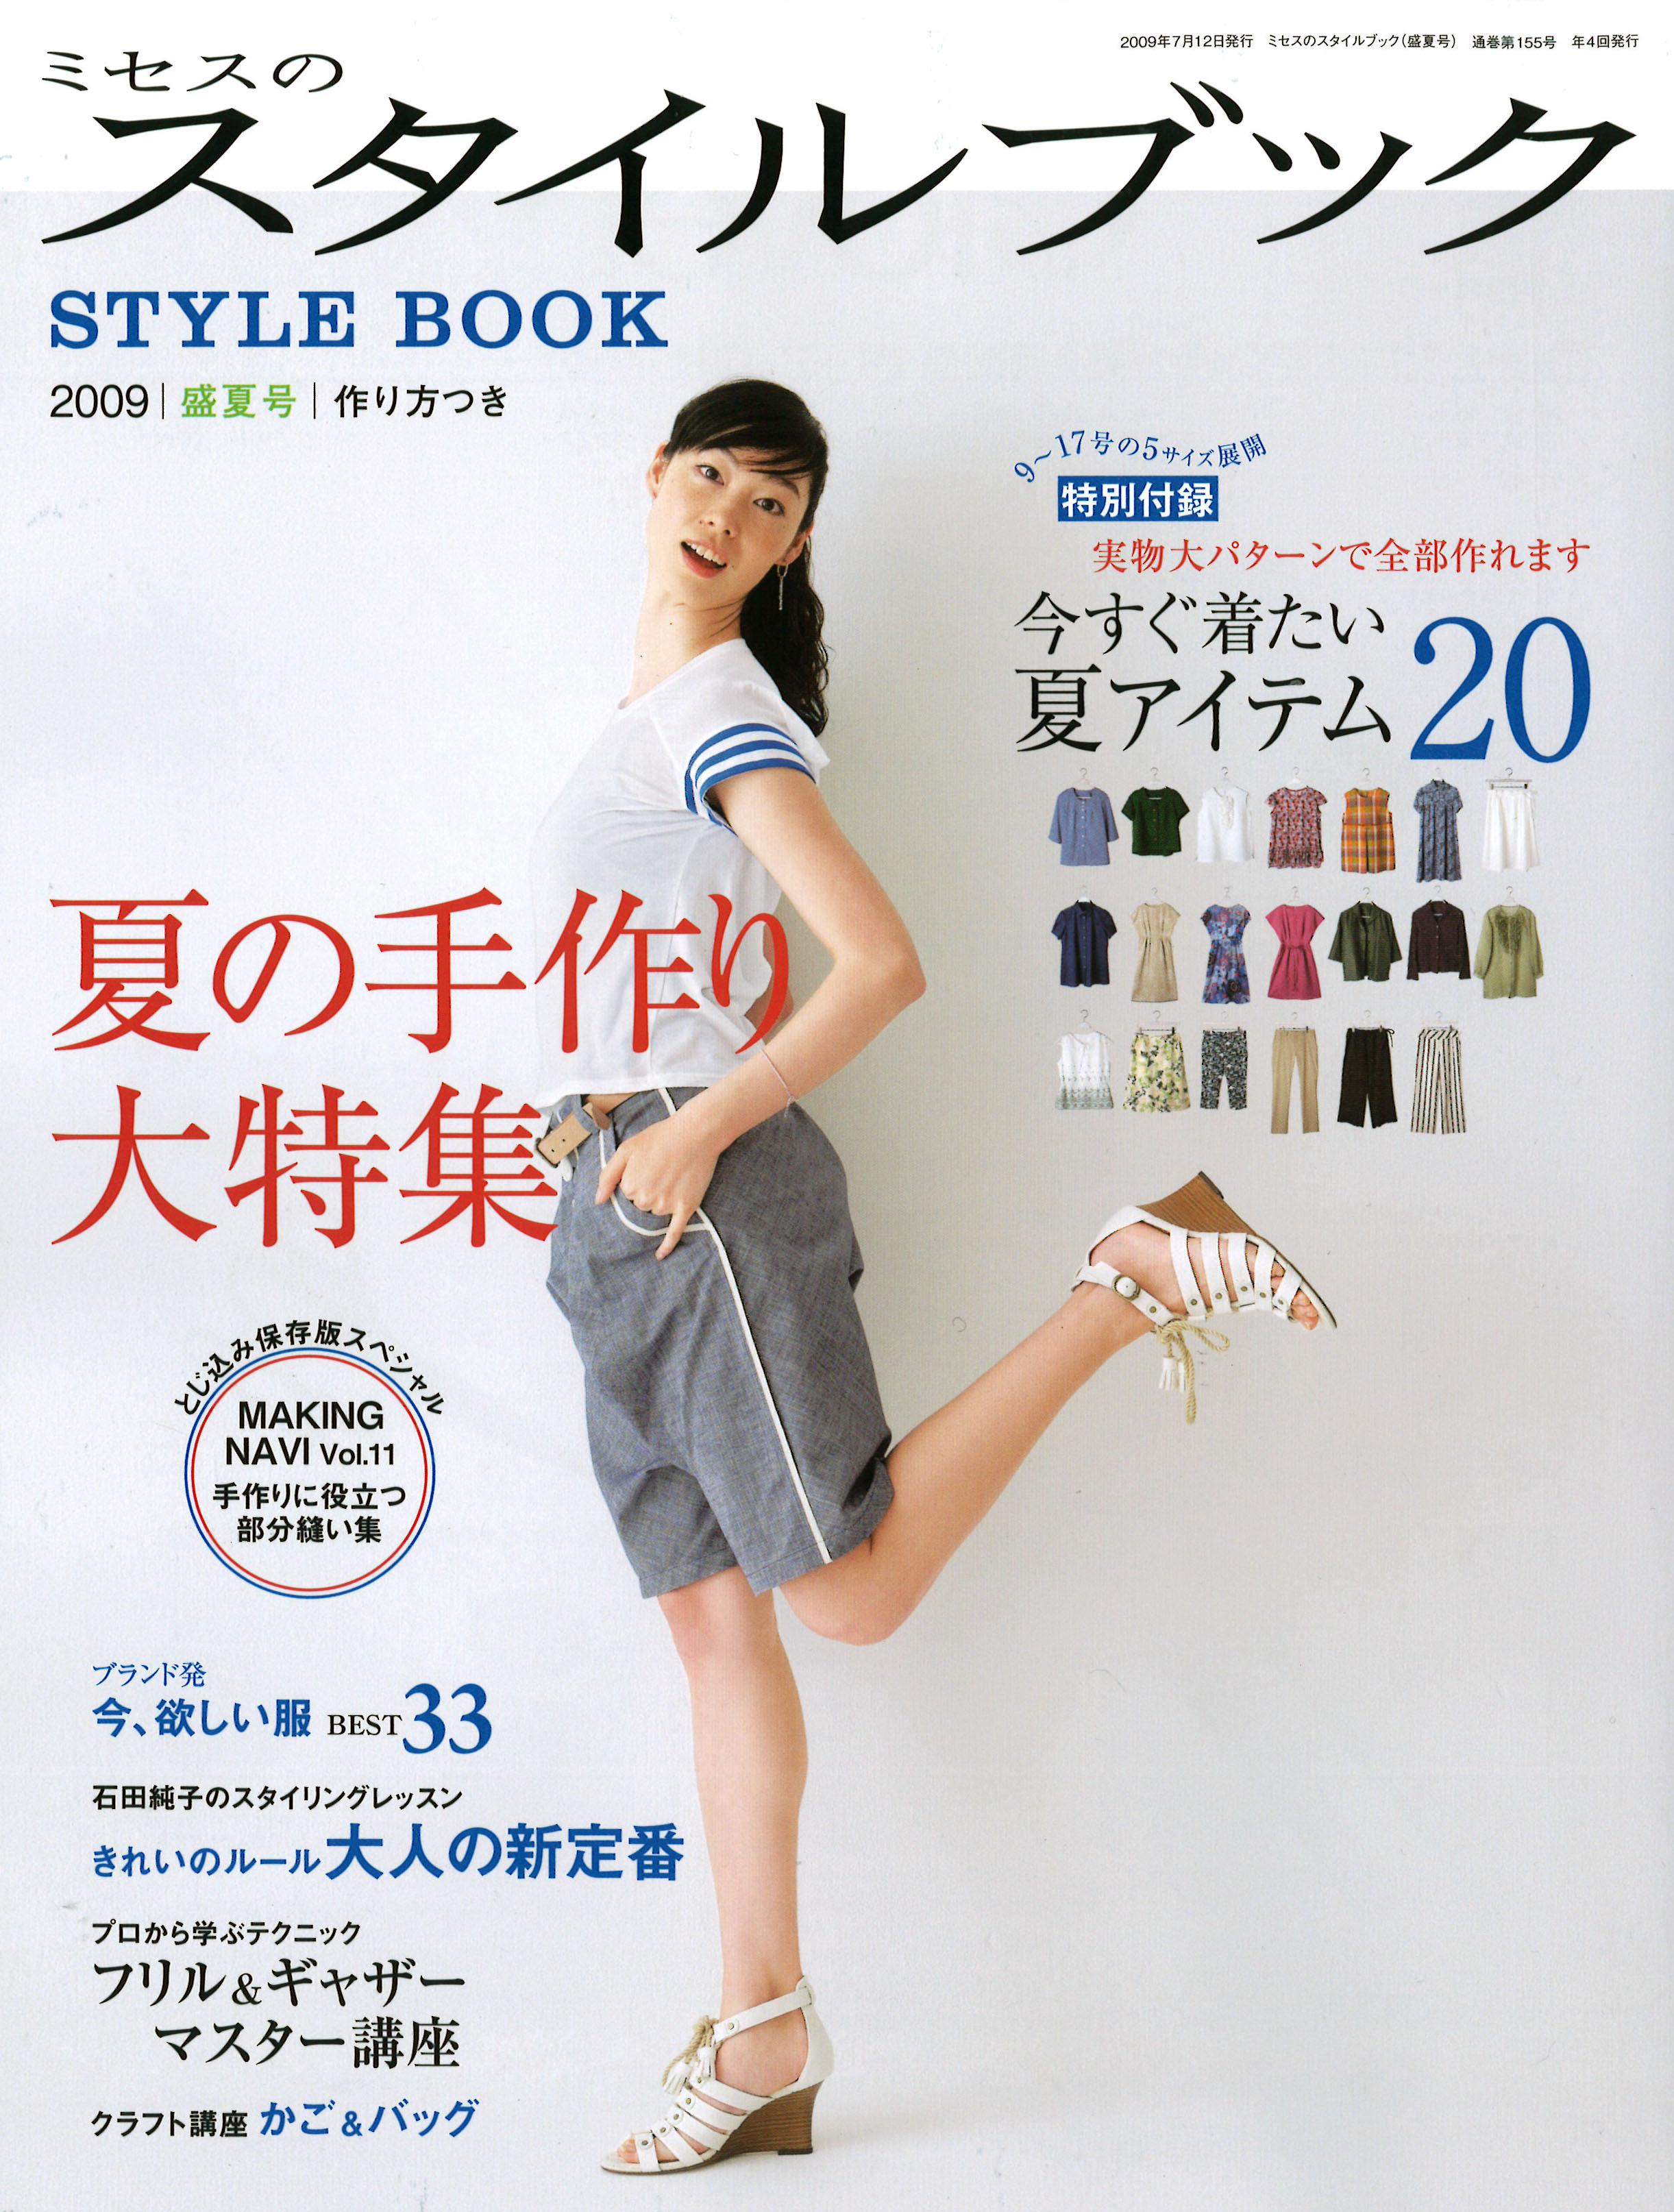 stylebook face.jpg